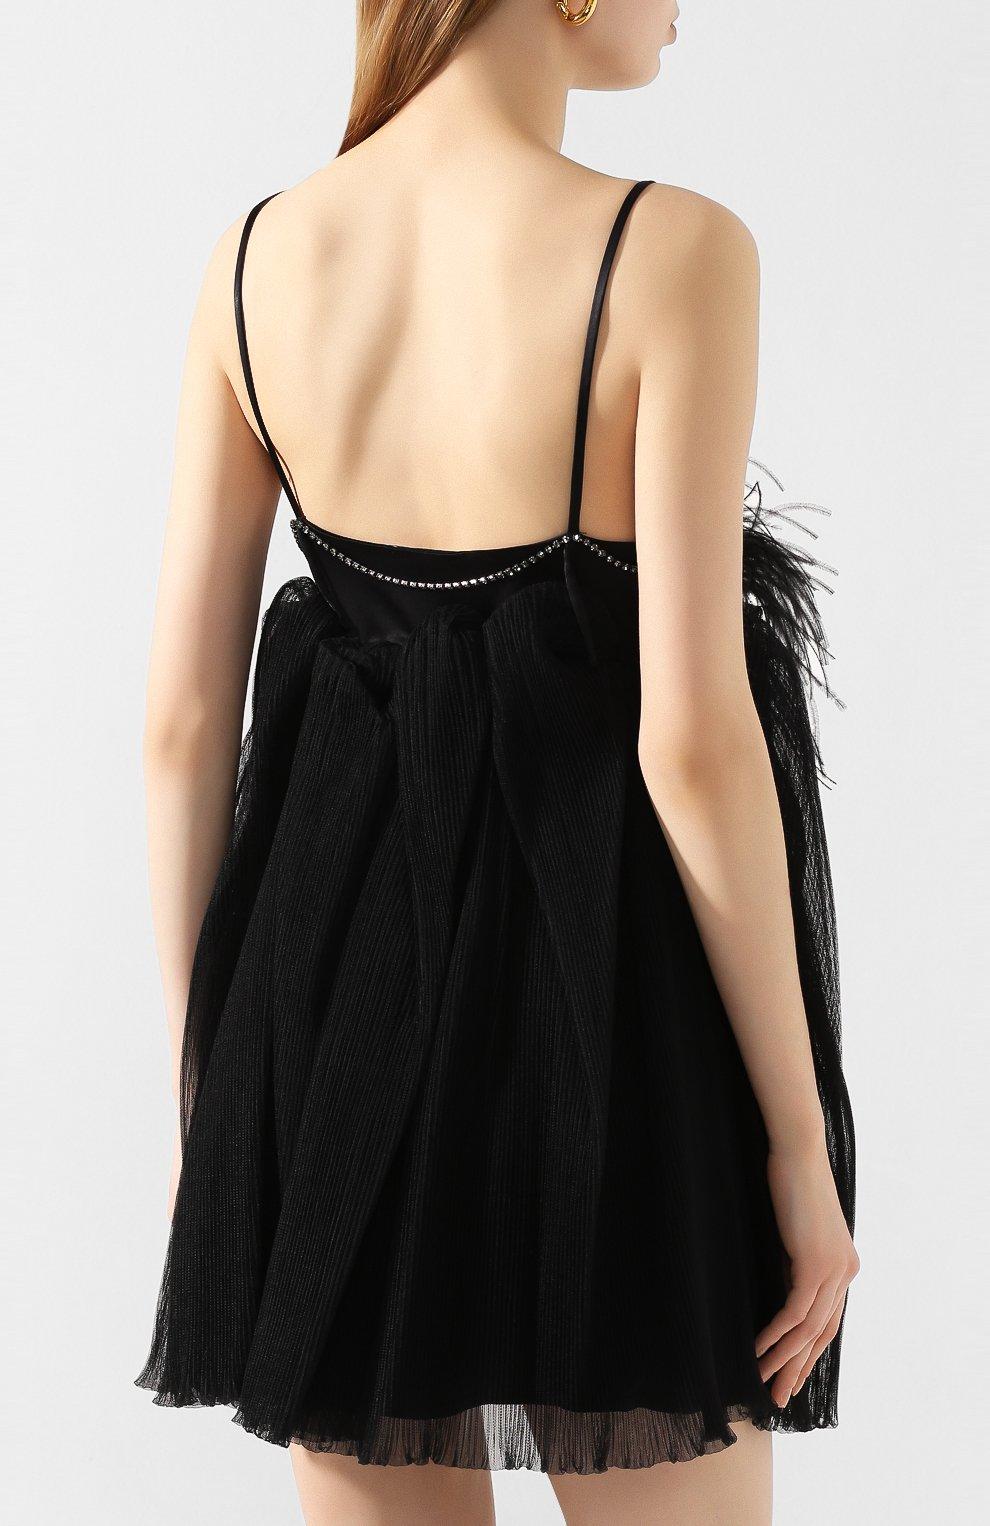 Женское платье с отделкой перьями ACT N1 черного цвета, арт. SSD2002   Фото 4 (Случай: Вечерний; Длина Ж (юбки, платья, шорты): Мини; Рукава: Короткие, Без рукавов; Материал внешний: Синтетический материал; Женское Кросс-КТ: Платье-одежда)